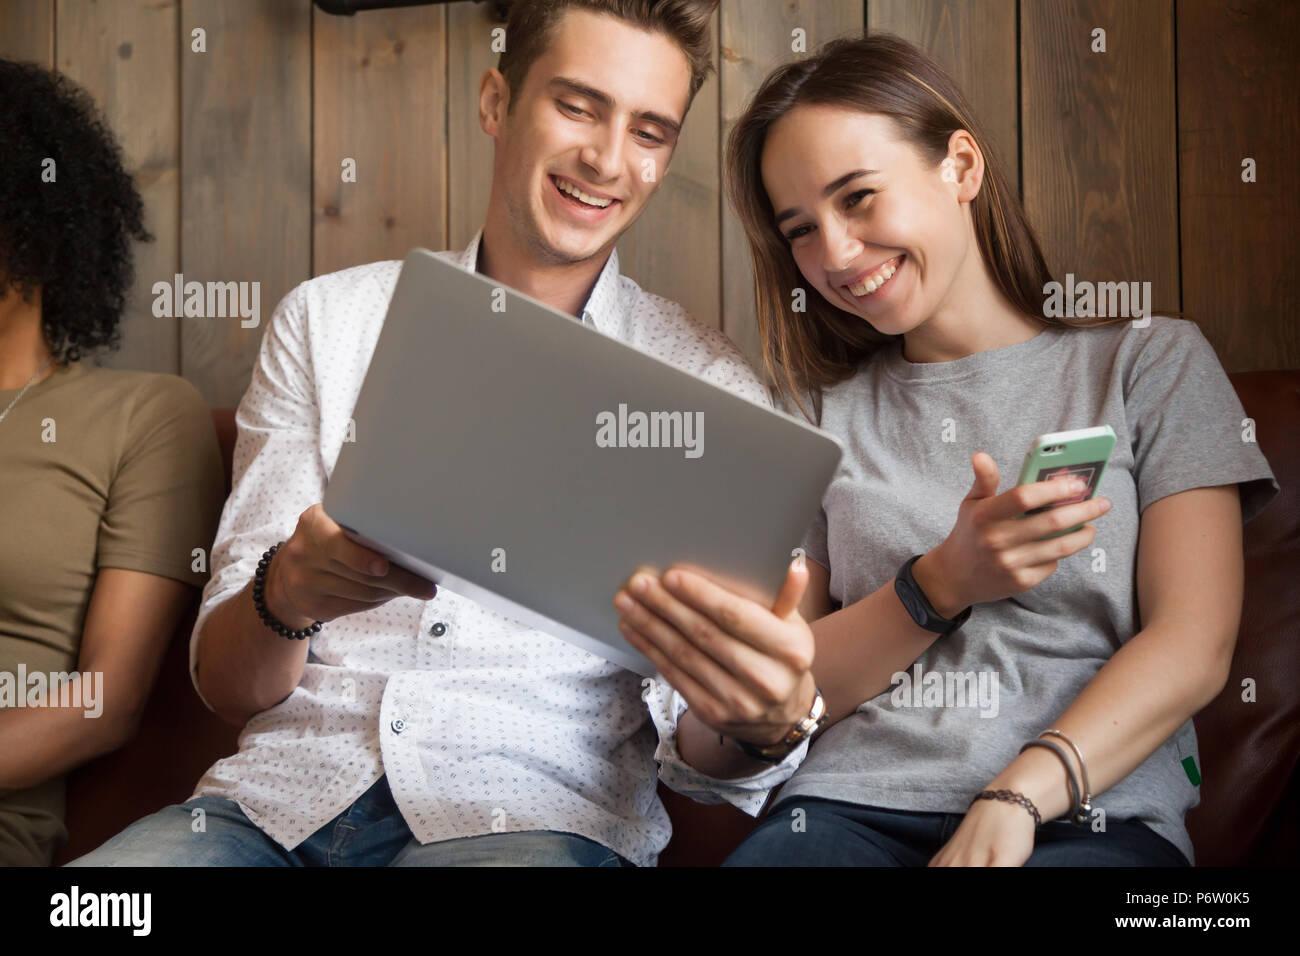 Friends laughing at millénaire vidéo drôle assis dans cafe toget Photo Stock